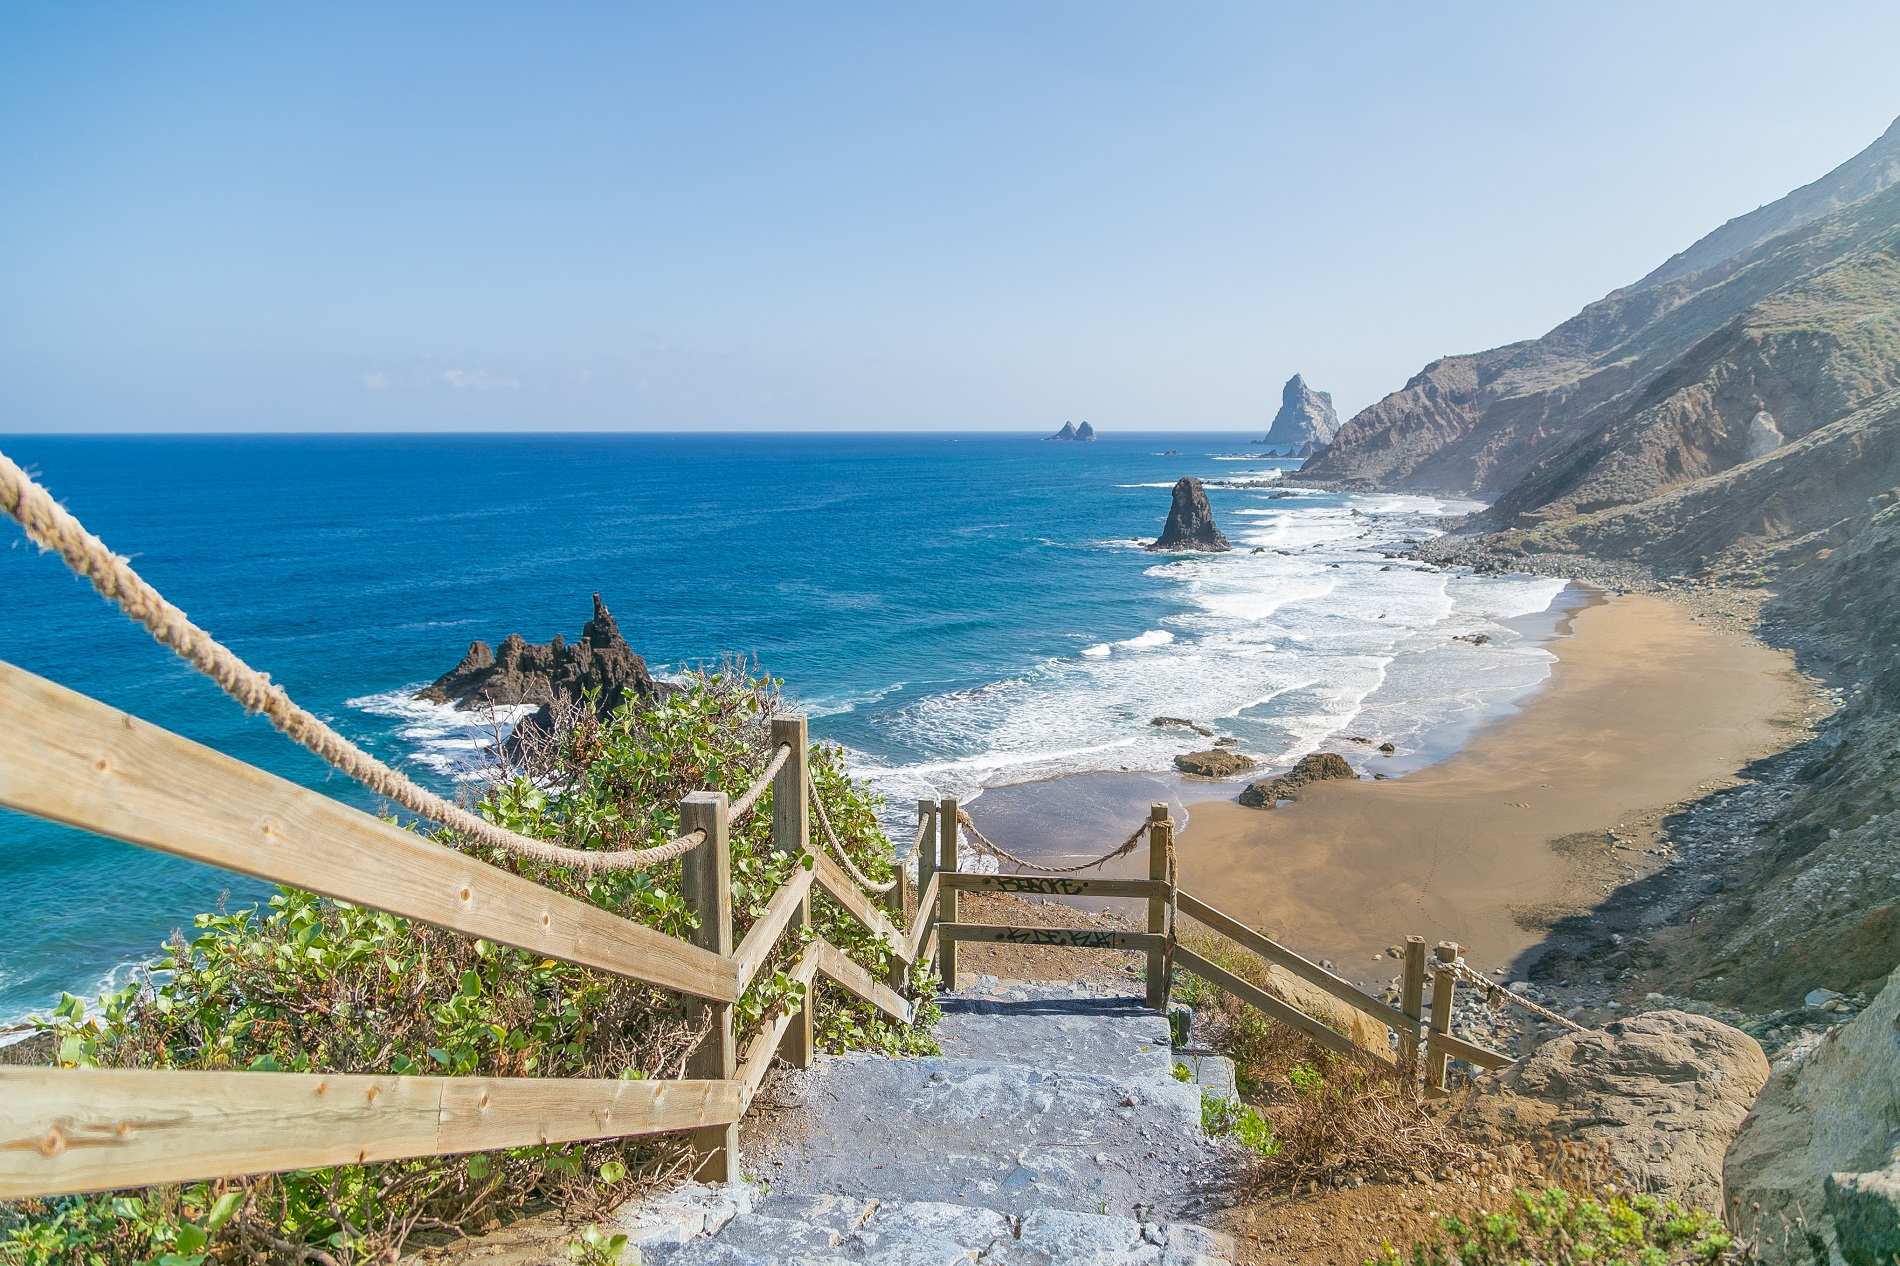 Vacaciones en España 2020